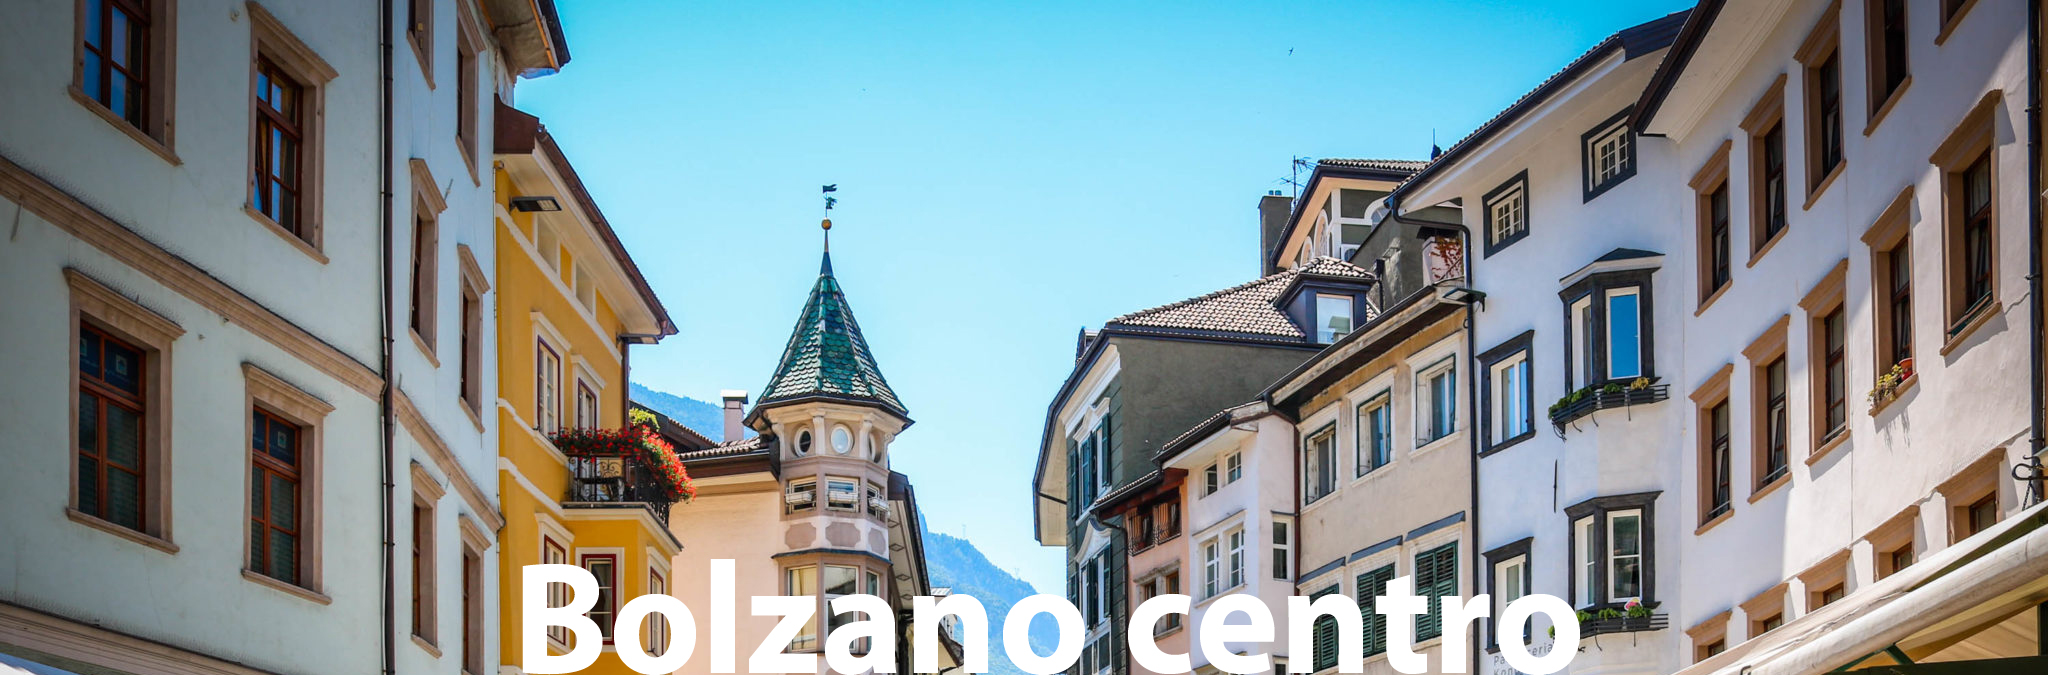 Visita il centro di Bolzano